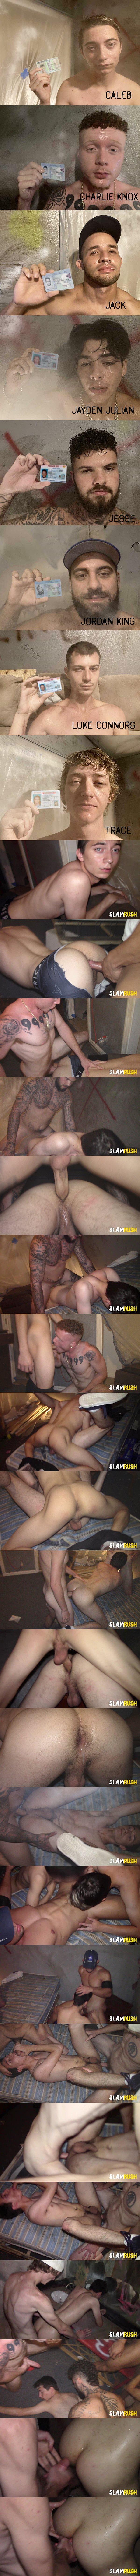 Slamrush - news models Charlie Knox, Jack, Jayden Julian, Jesse, Jordan King, Luke Connors and Trace gangbang and creampie power bottom Caleb in K.O. Slam 02